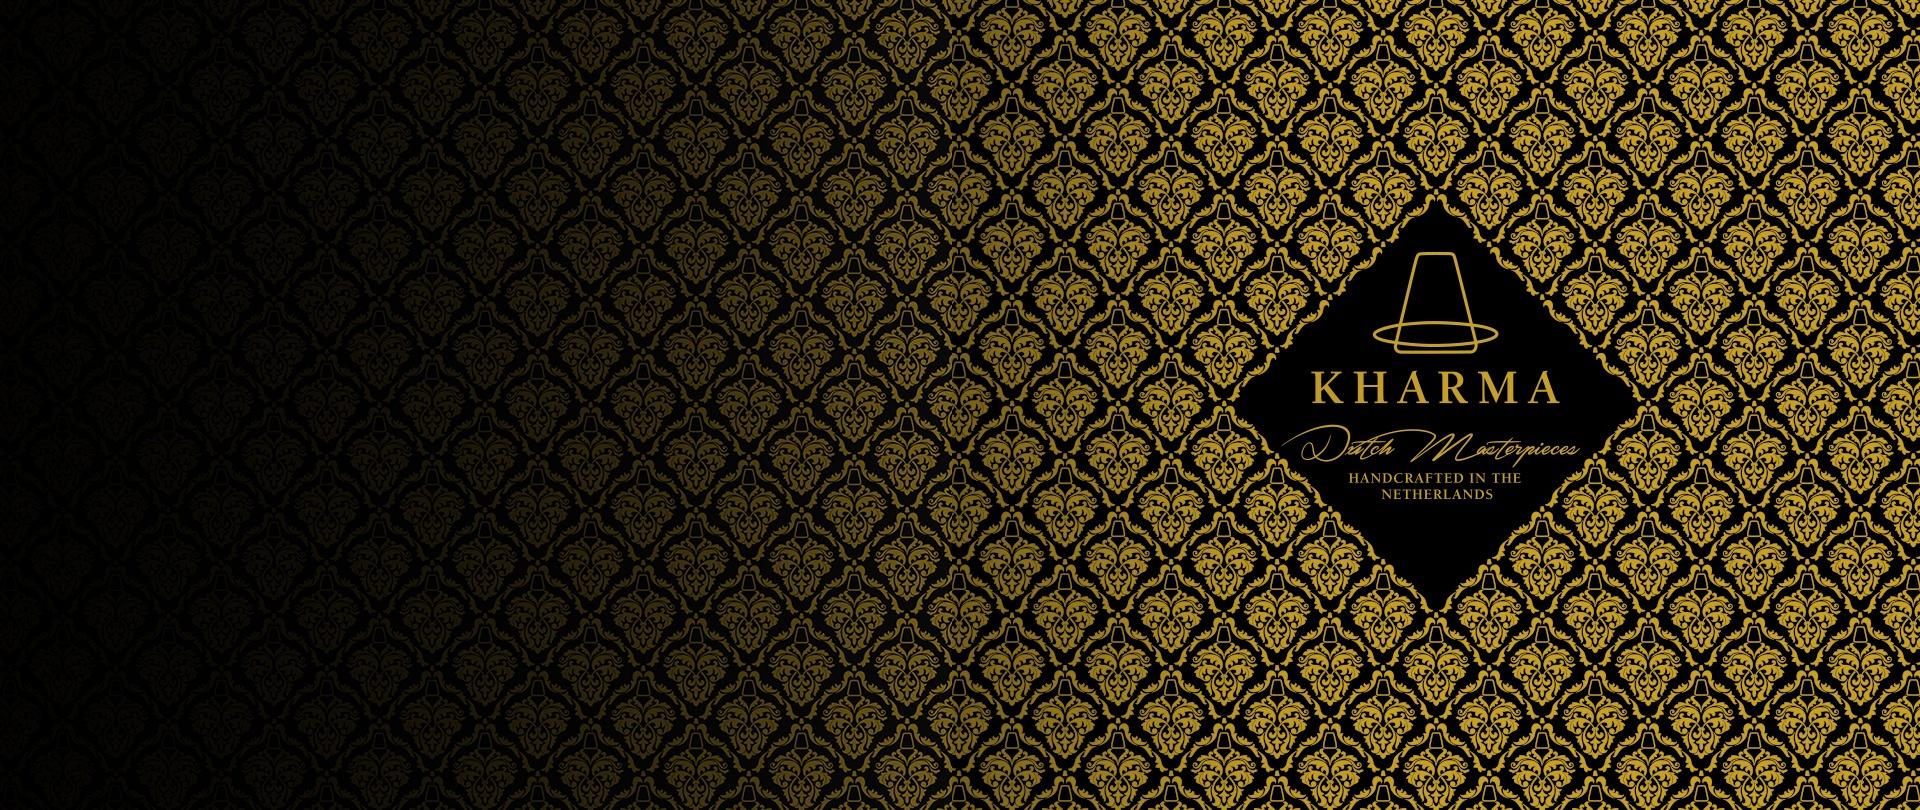 Kharma the brand